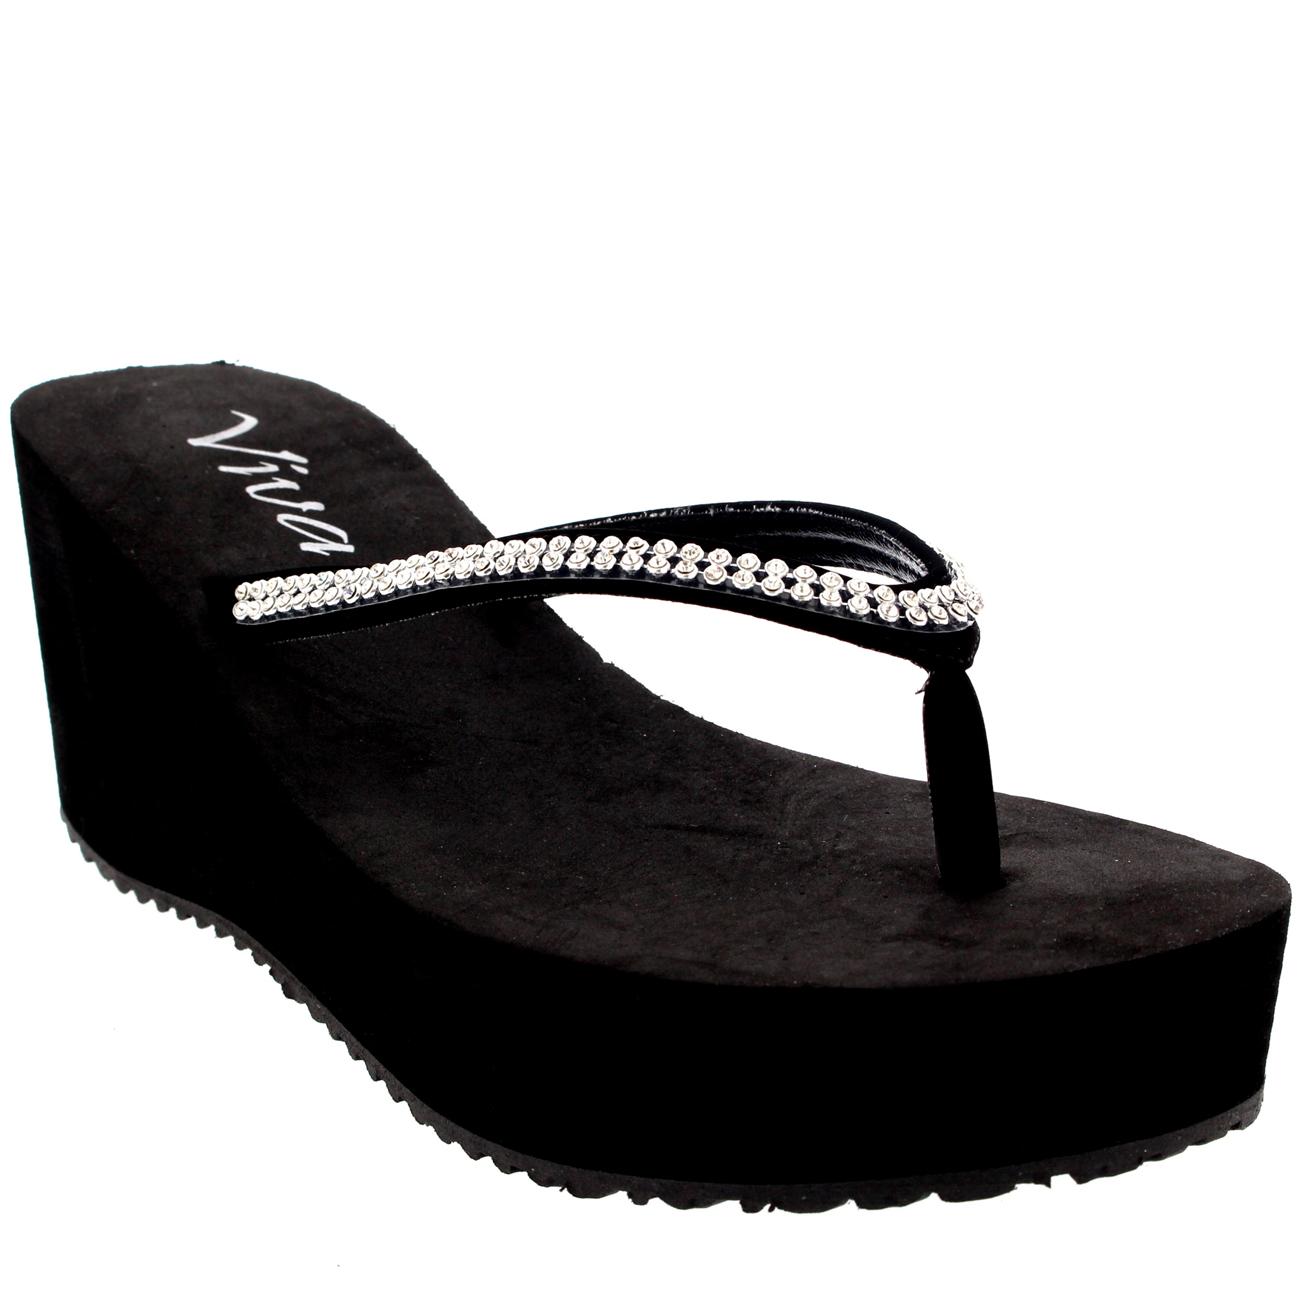 Luxury Softwalk Tillman  Women39s Slipon Sandal  Black  Back34